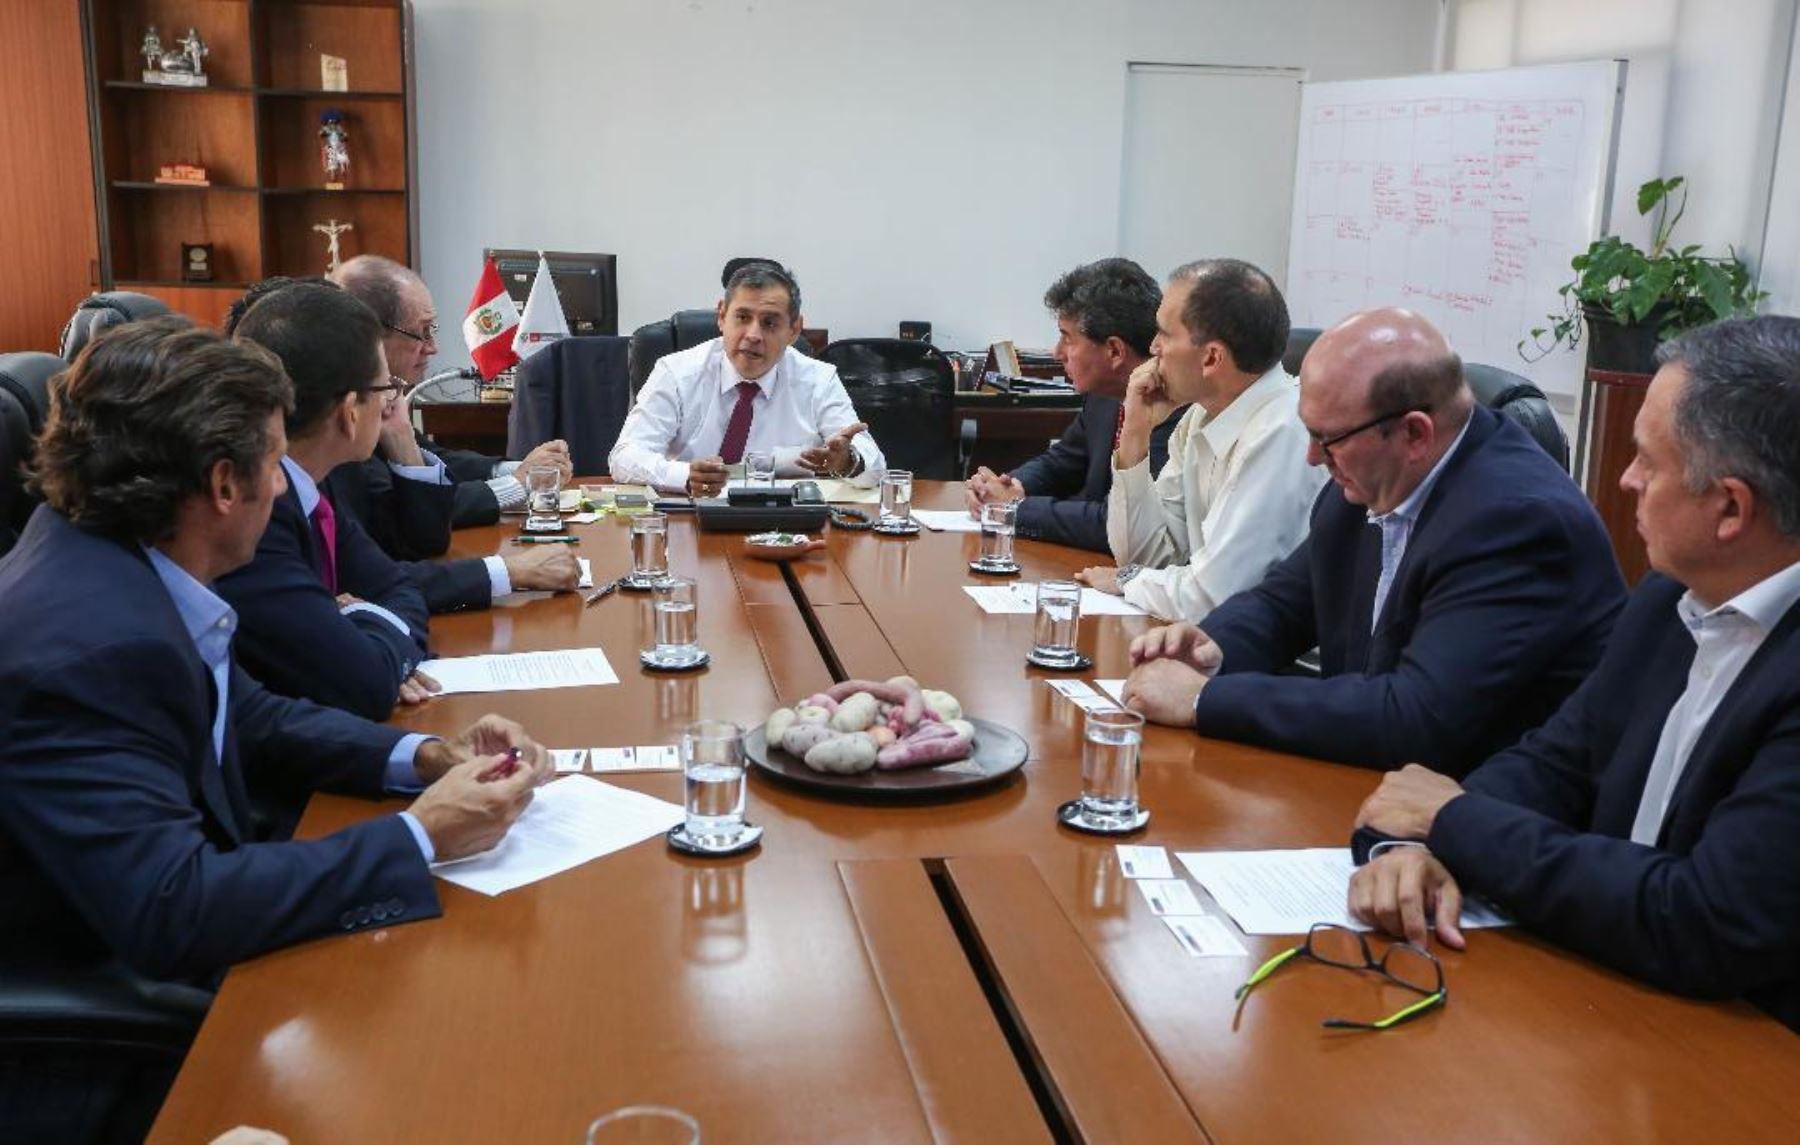 Titular del Minagri, Gustavo Mostajo, se reúne con agroexportadores. Foto: Cortesía Minagri.